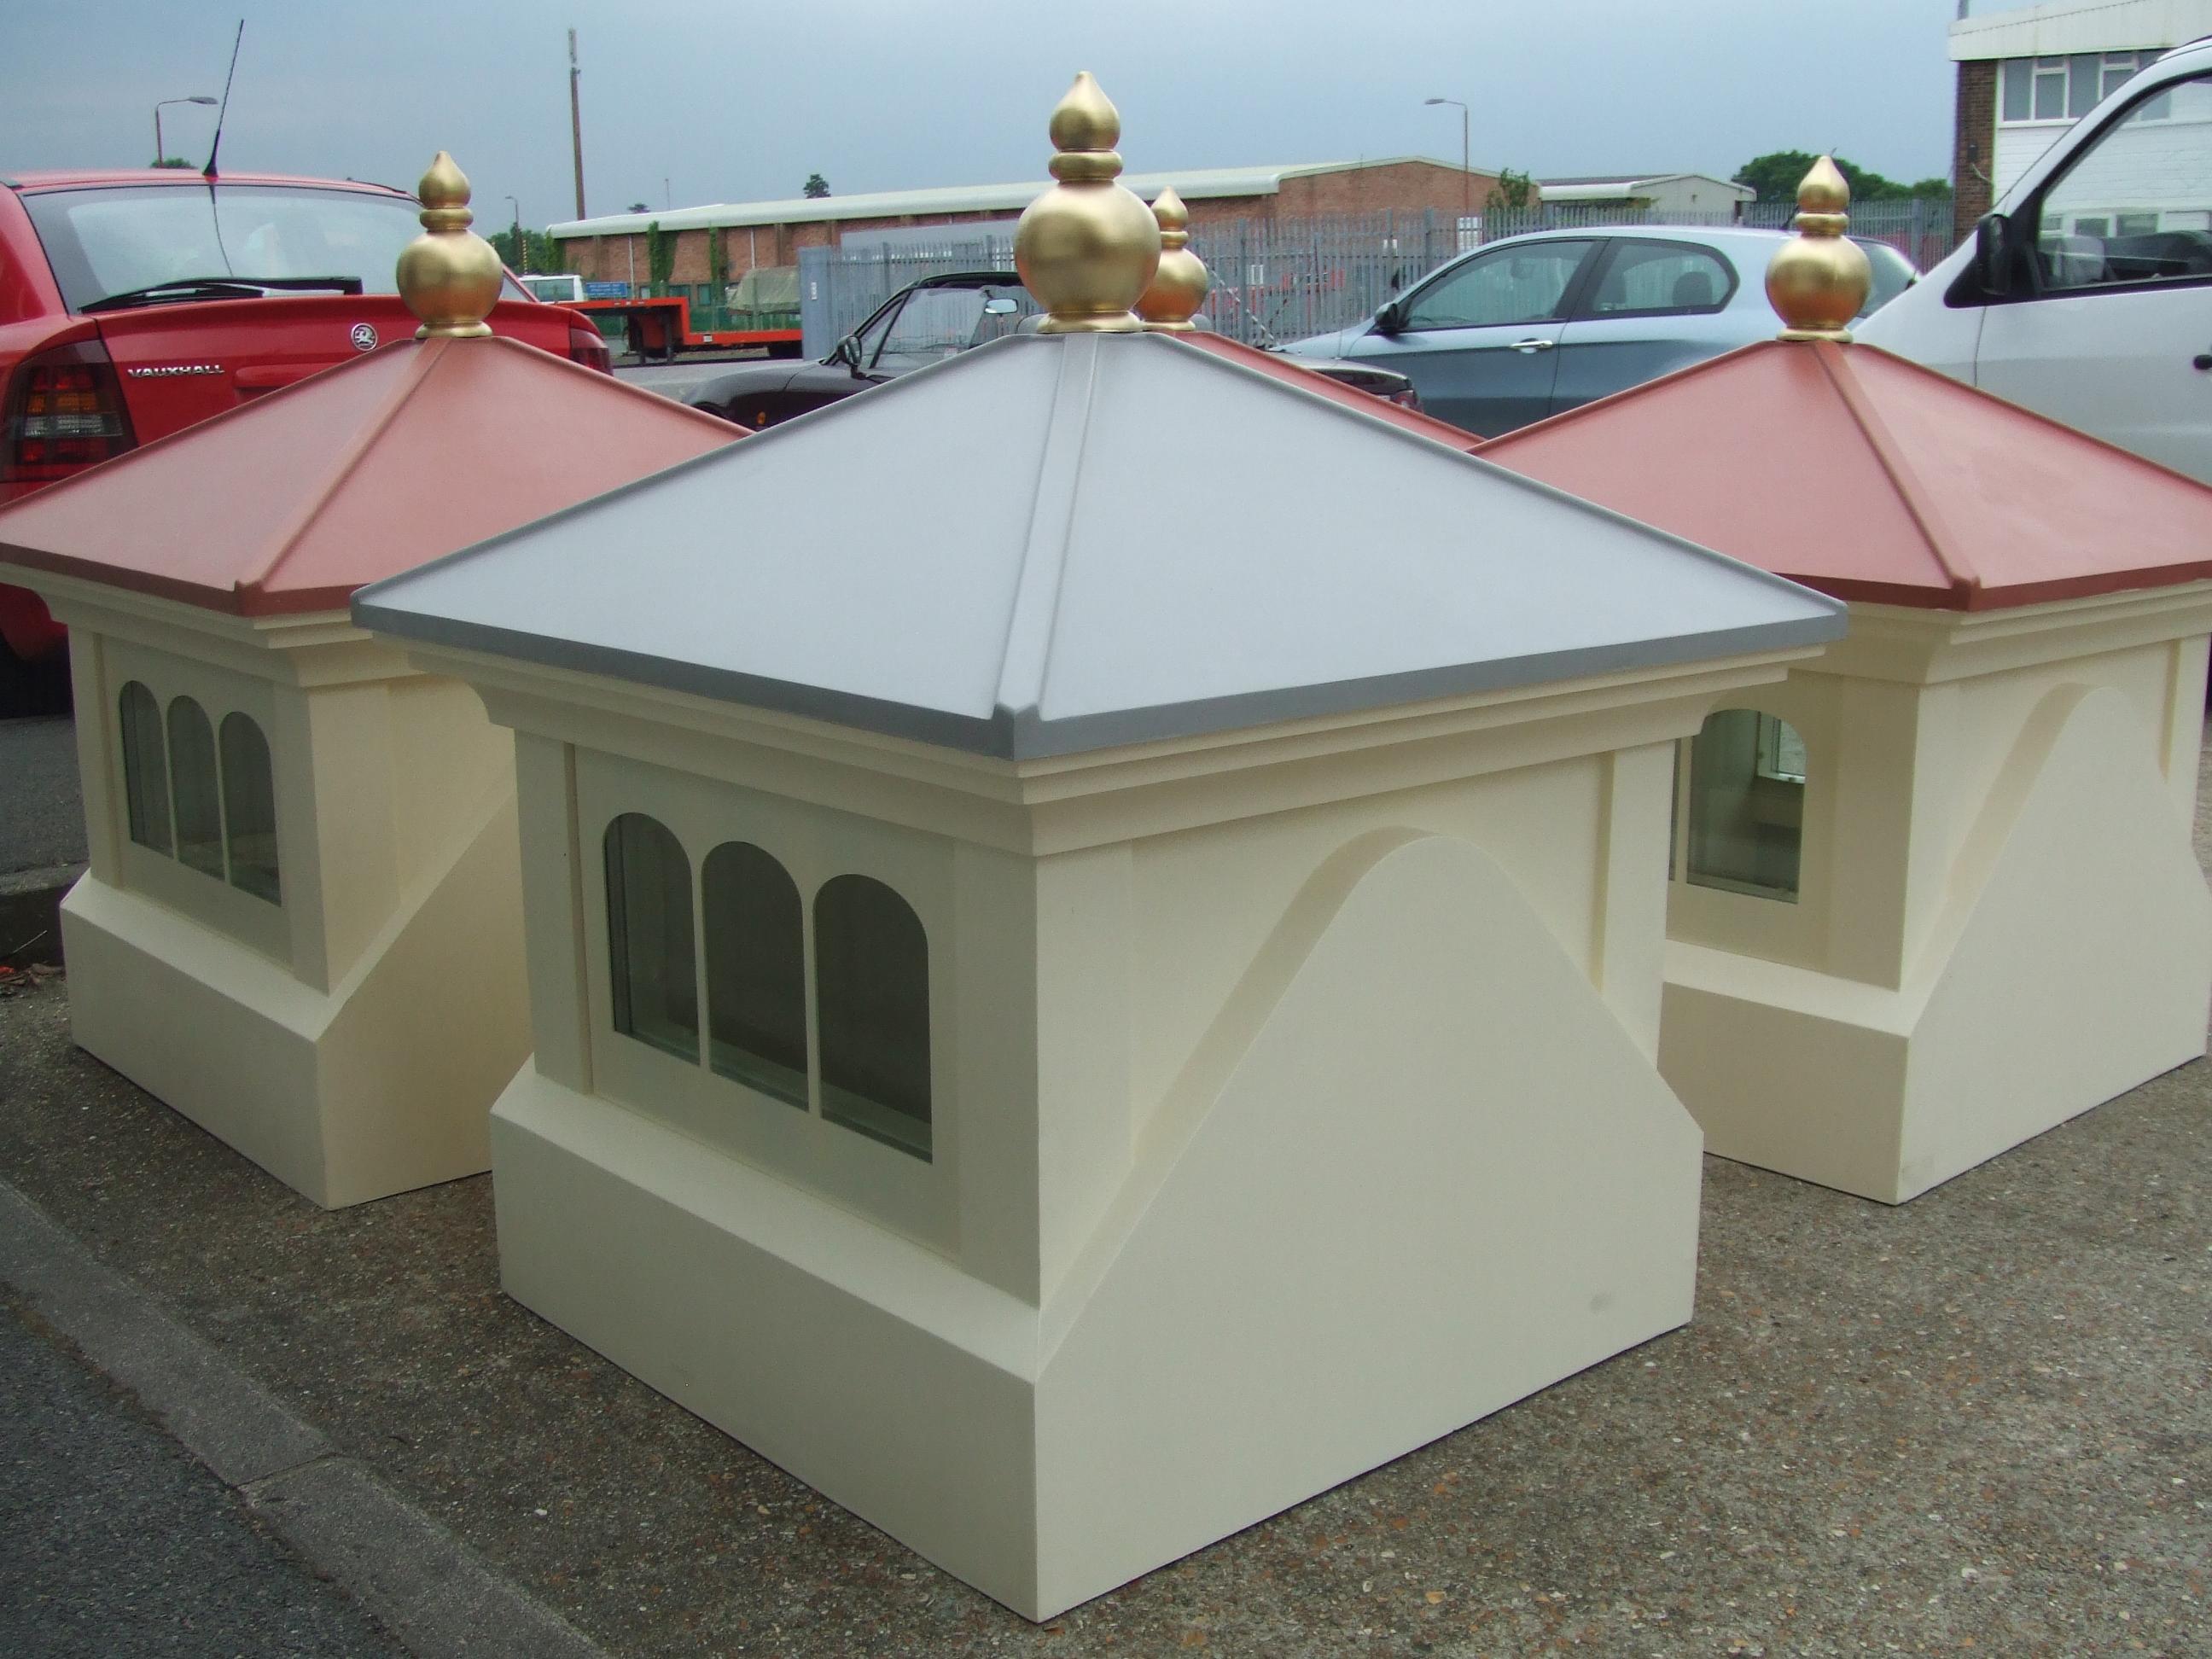 Glazed cupolas